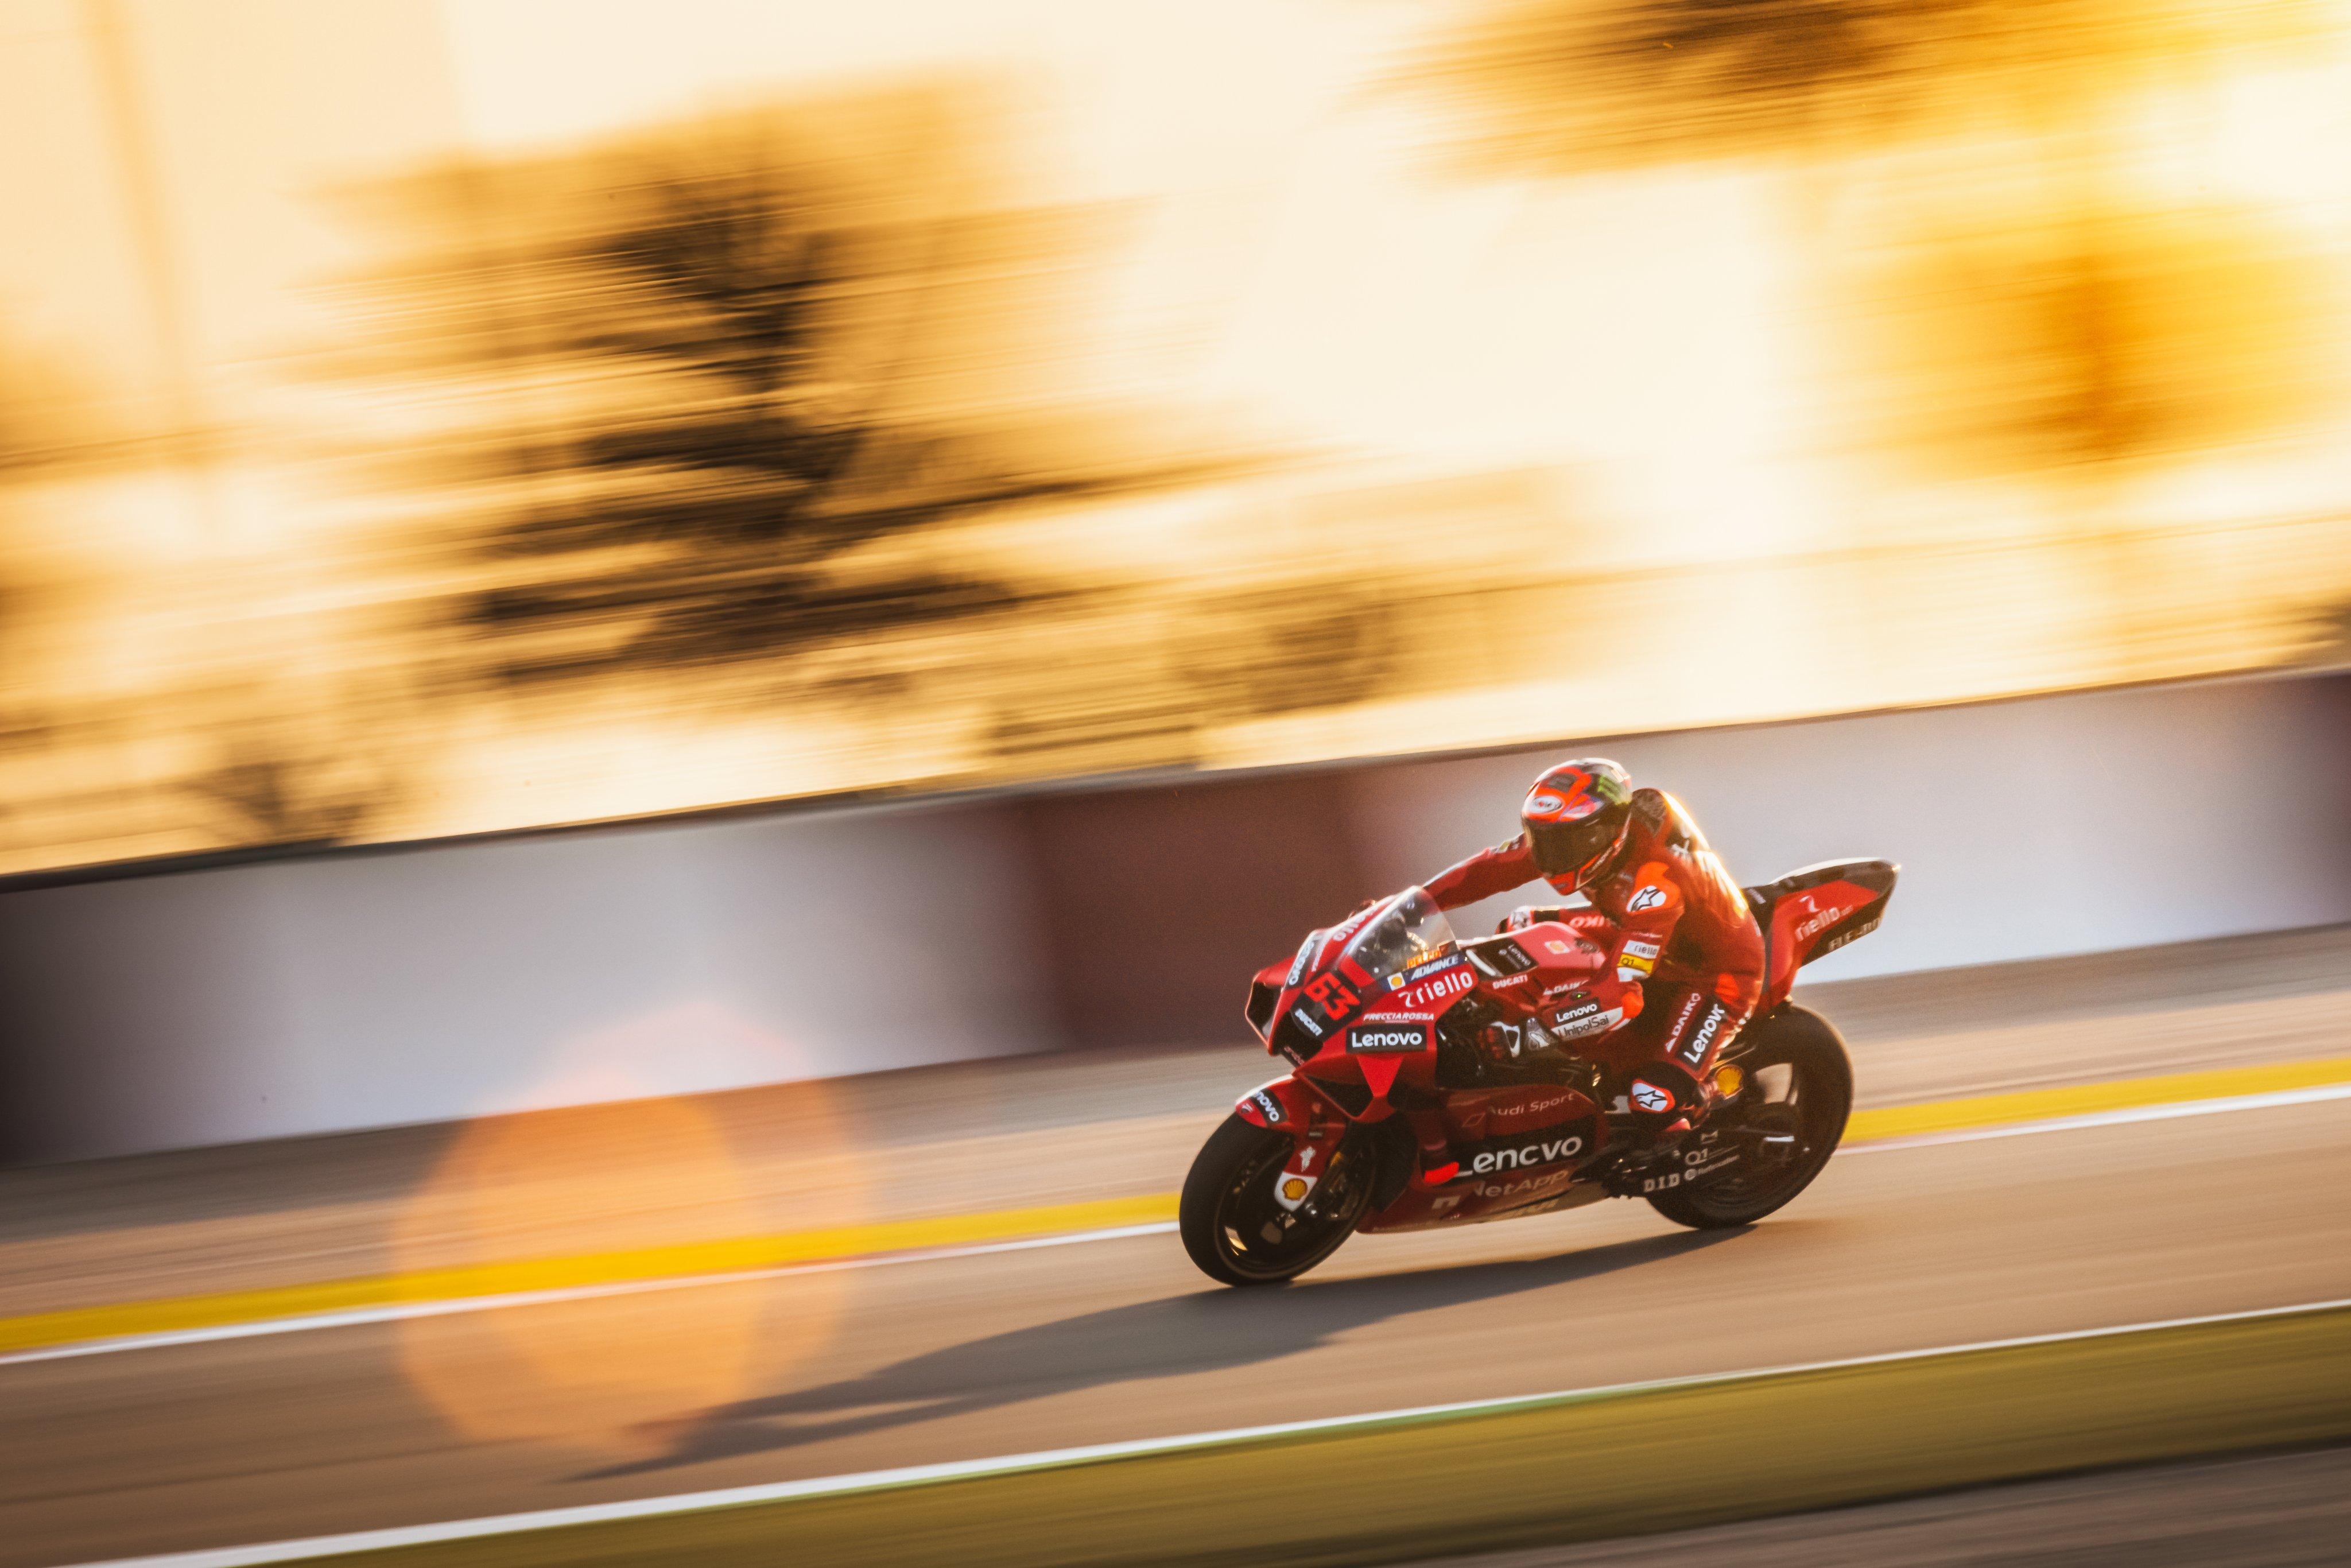 Moto GP 2021 - Page 2 Ev9IXFdXIAQnPBS?format=jpg&name=4096x4096